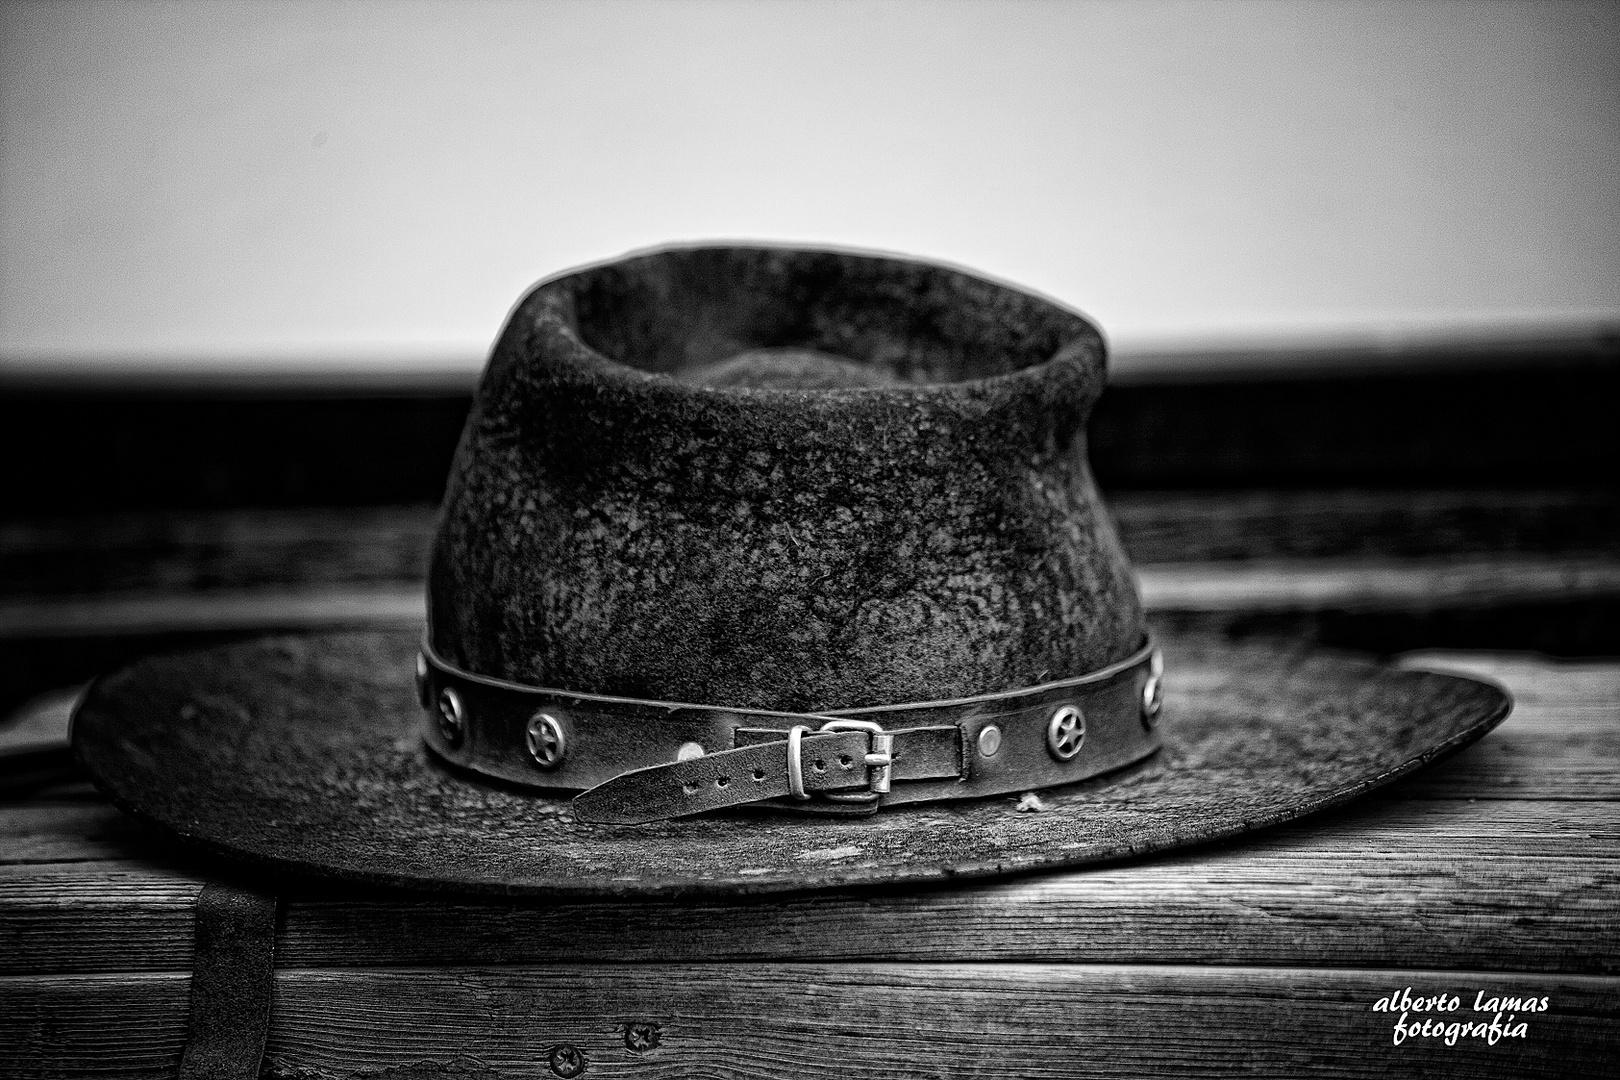 el viejo sombrero